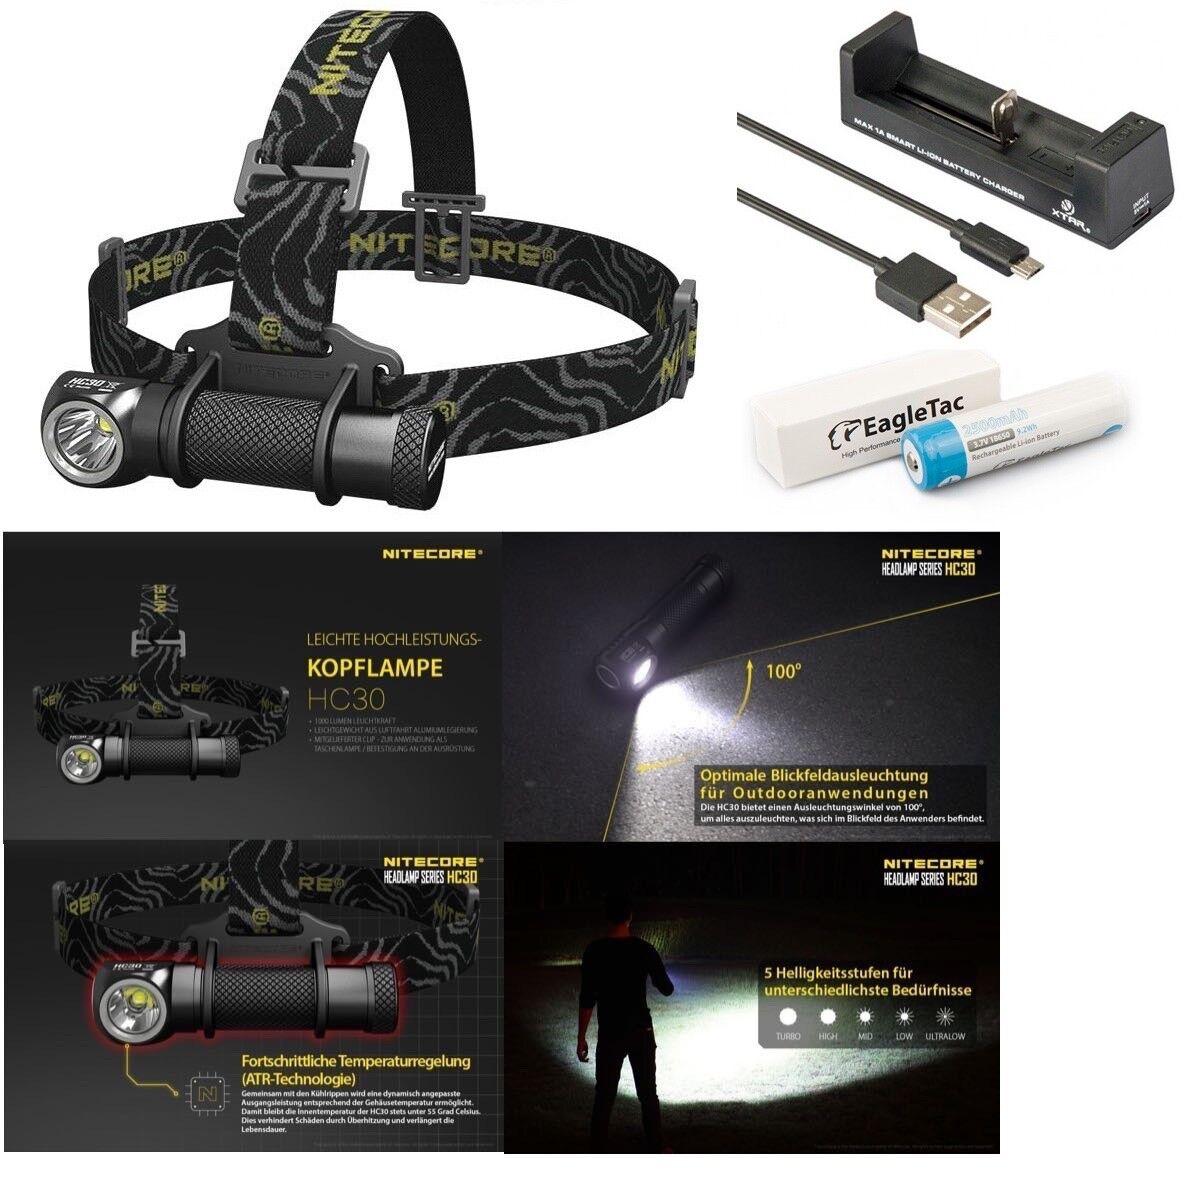 Nitecore la Lumière de Tête   Multileuchte HC30 LED + Batterie 2500mAh + Xtar